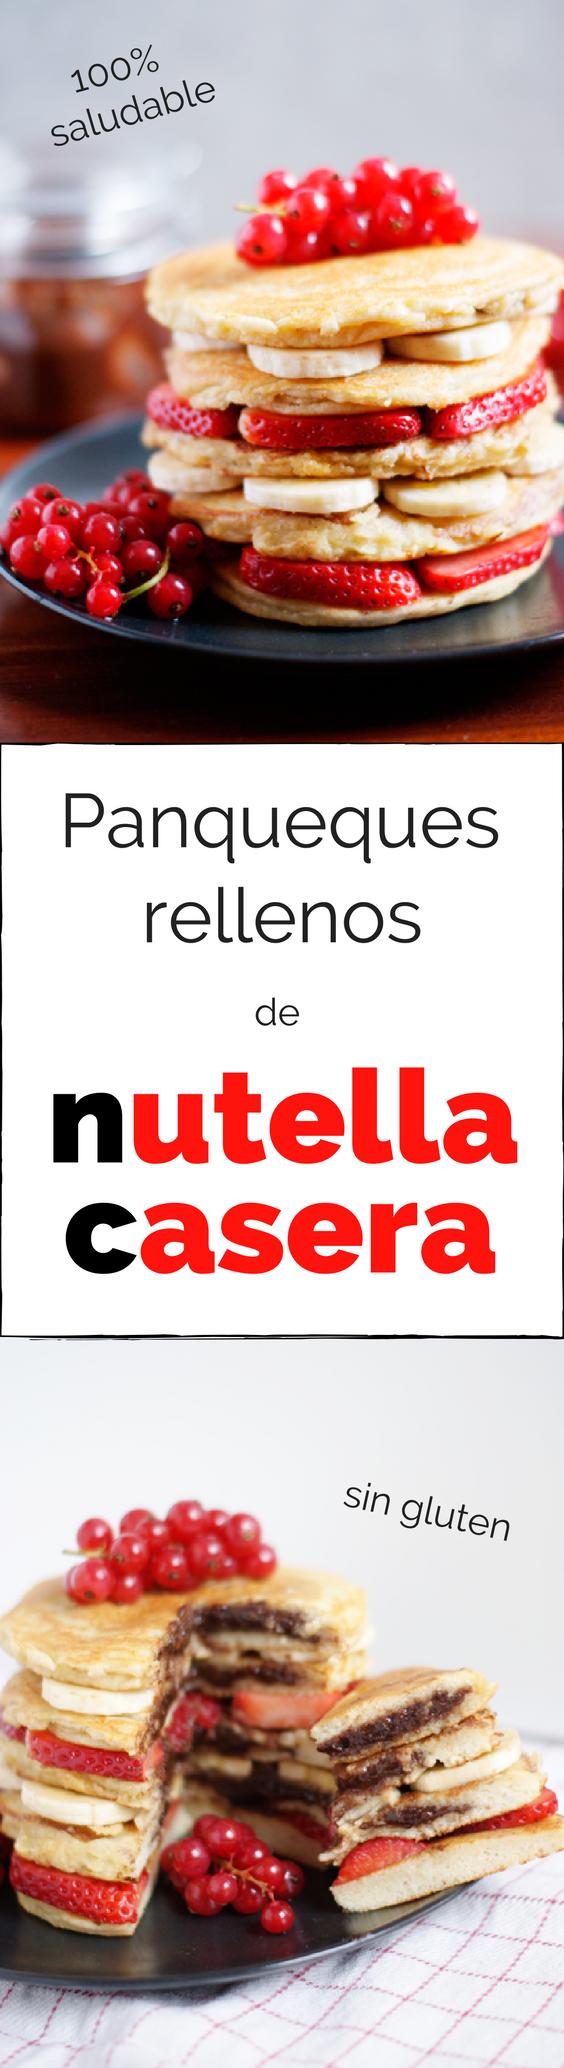 Panqueques saludables rellenos de nutella casera - Receta de brunch saludable